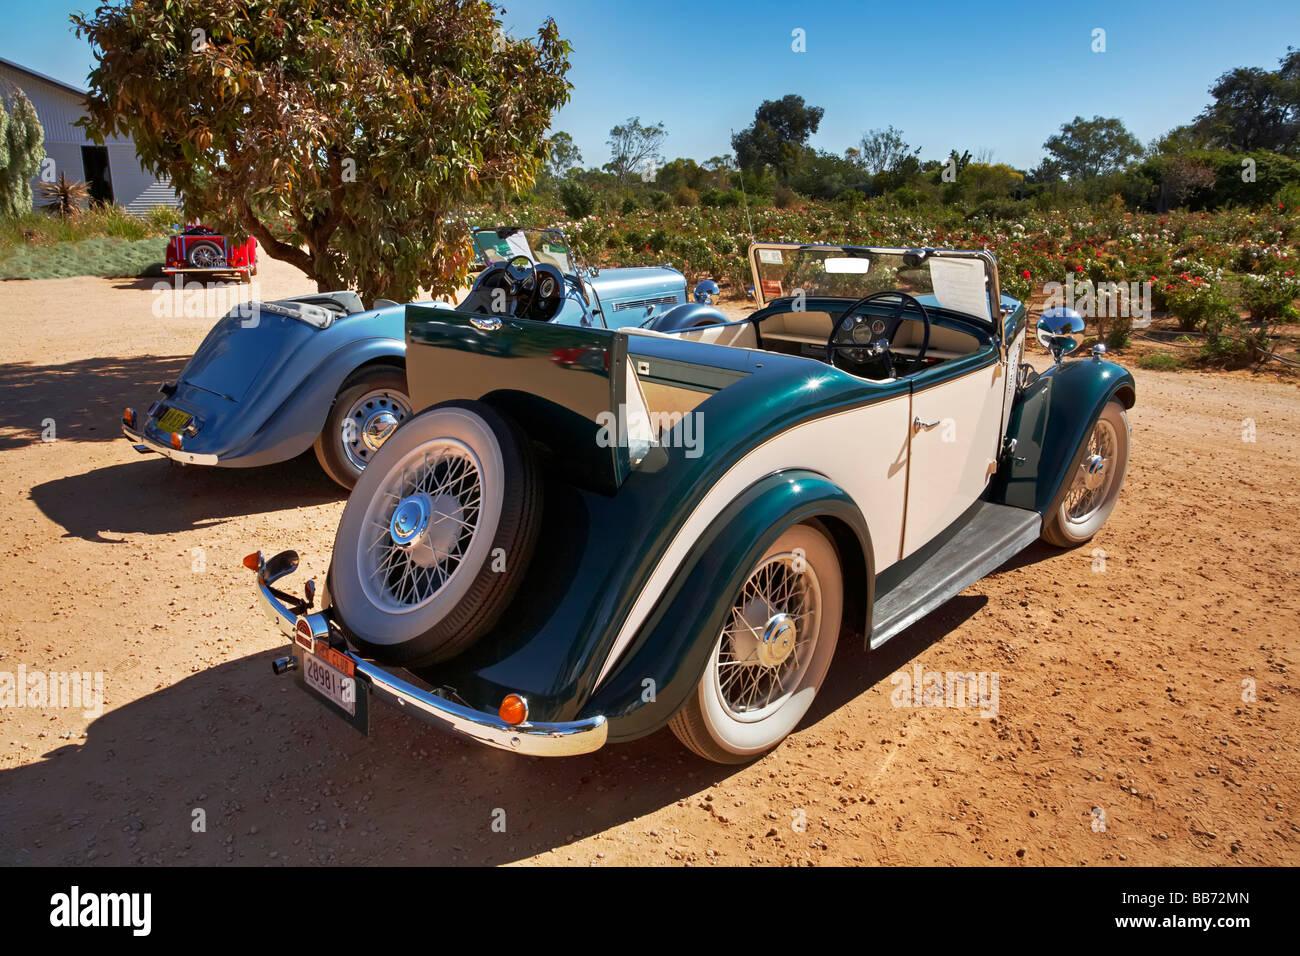 Cantante histórico automóviles en un fin de semana se reúnen en Renmark en Riverland, South Australia Imagen De Stock